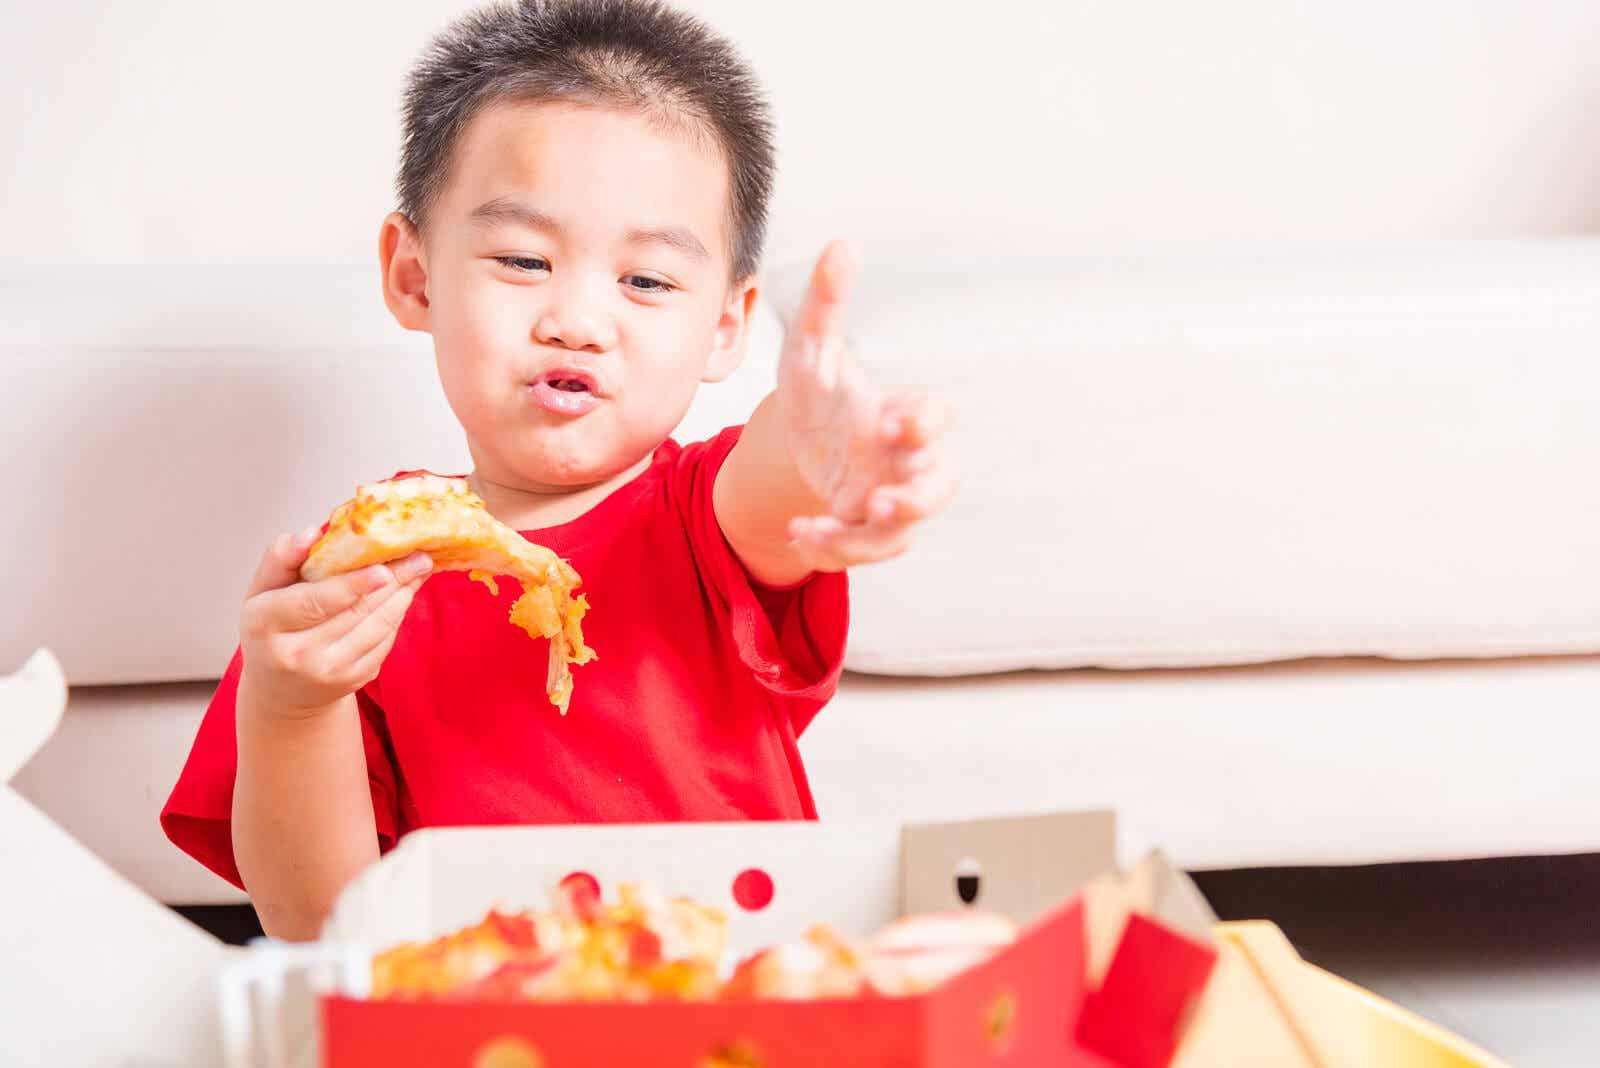 Ett barn som äter skräpmat.